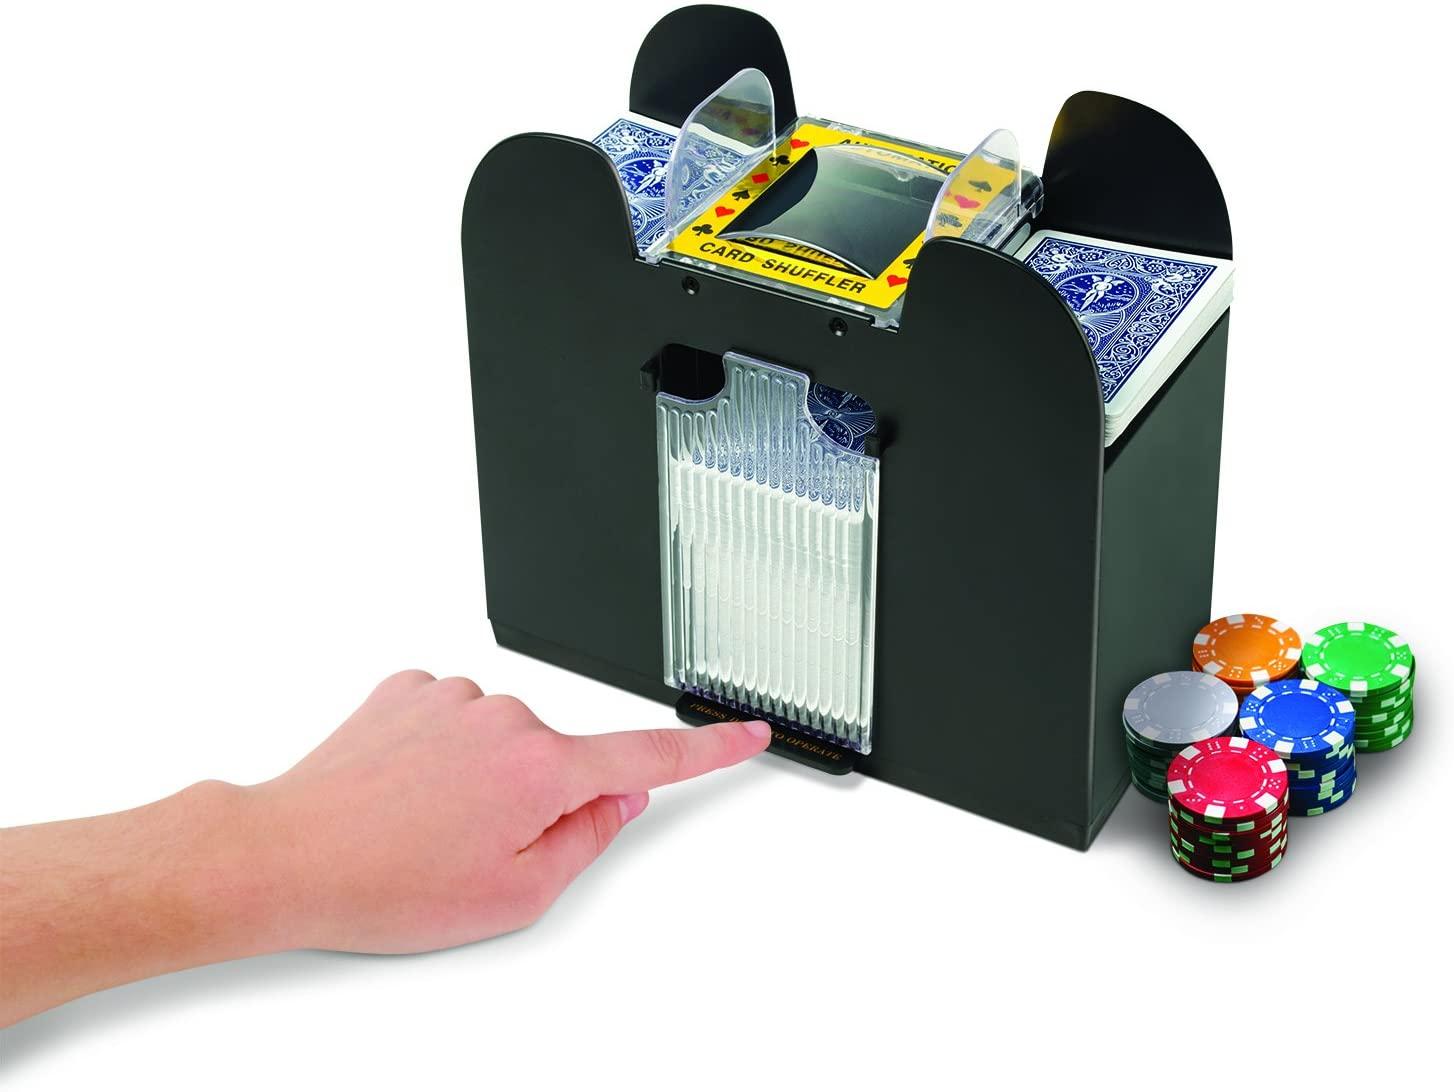 Jobar 6 Decks Automatic Card Shuffler